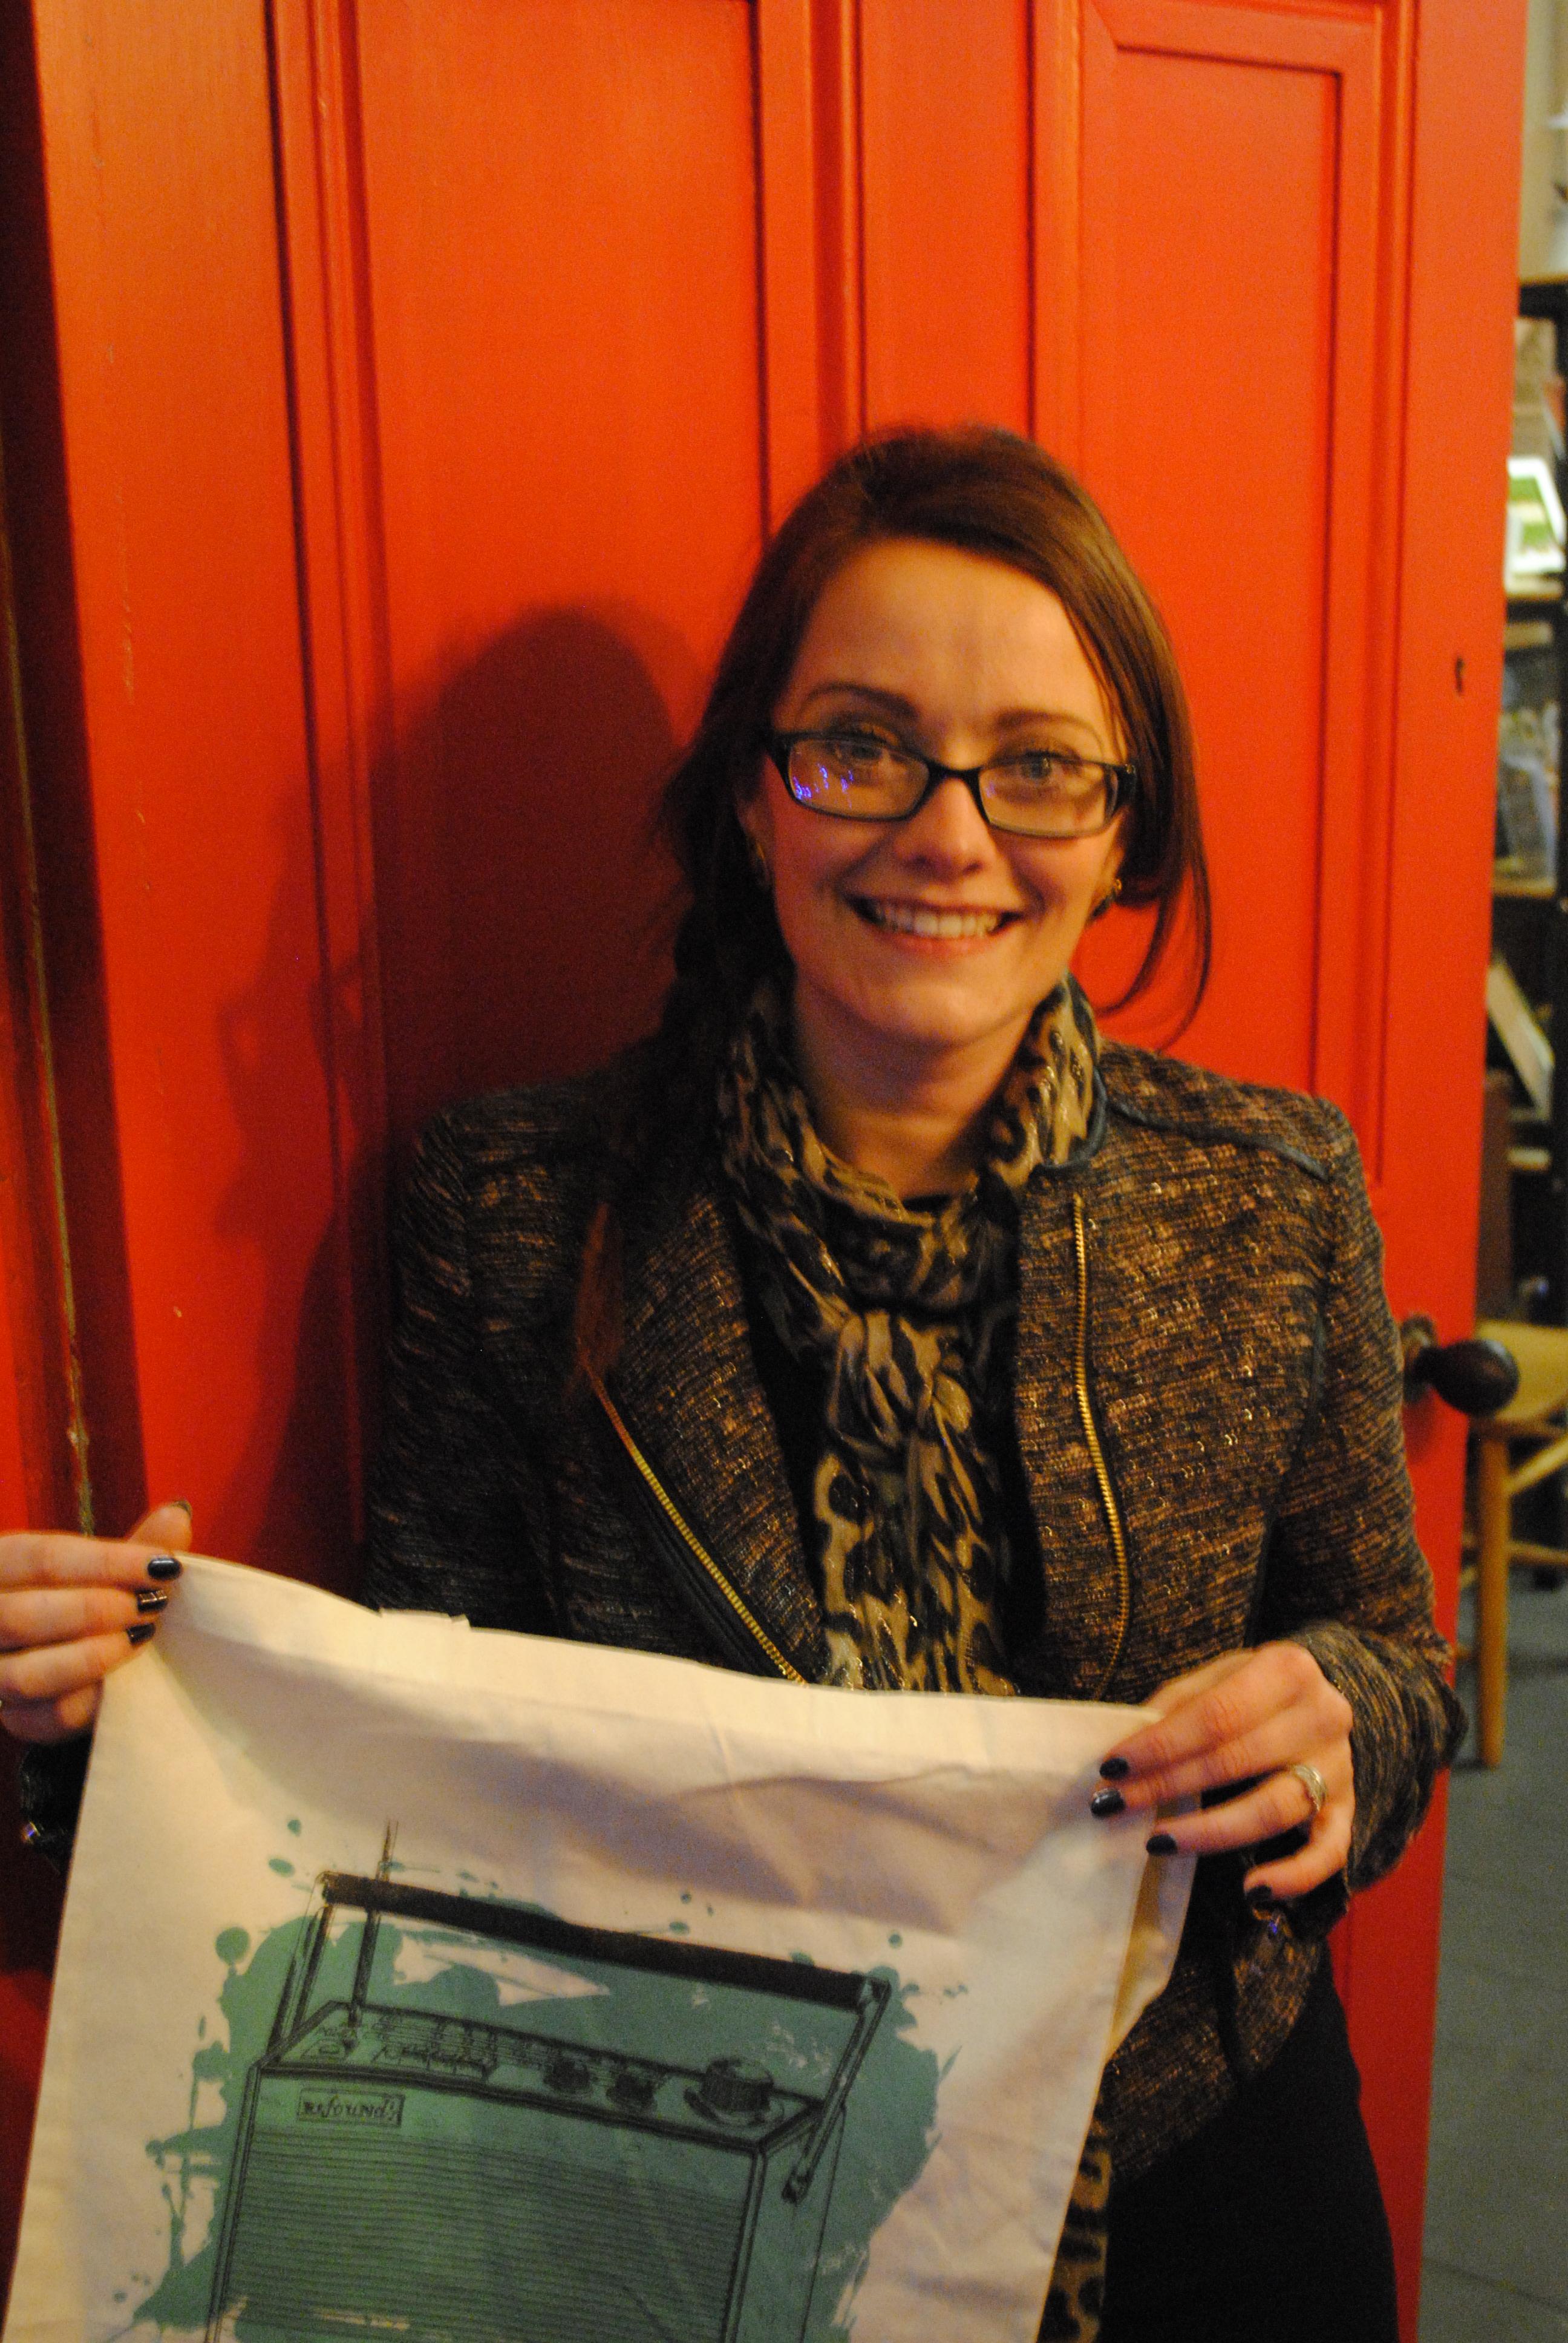 Deborah & her vintage radio bag